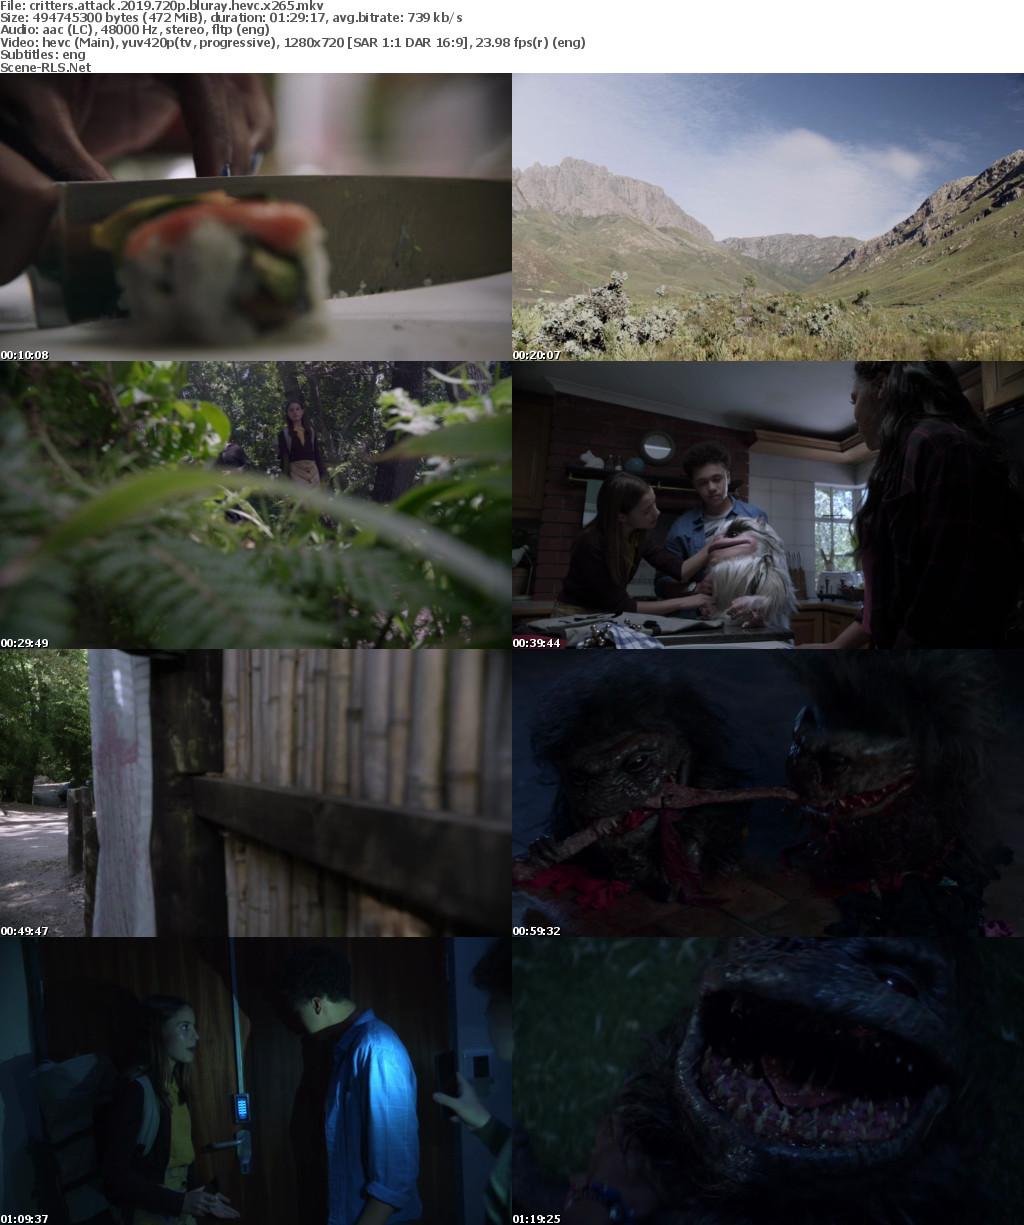 Critters Attack 2019 720p BluRay HEVC x265 - Scene Release